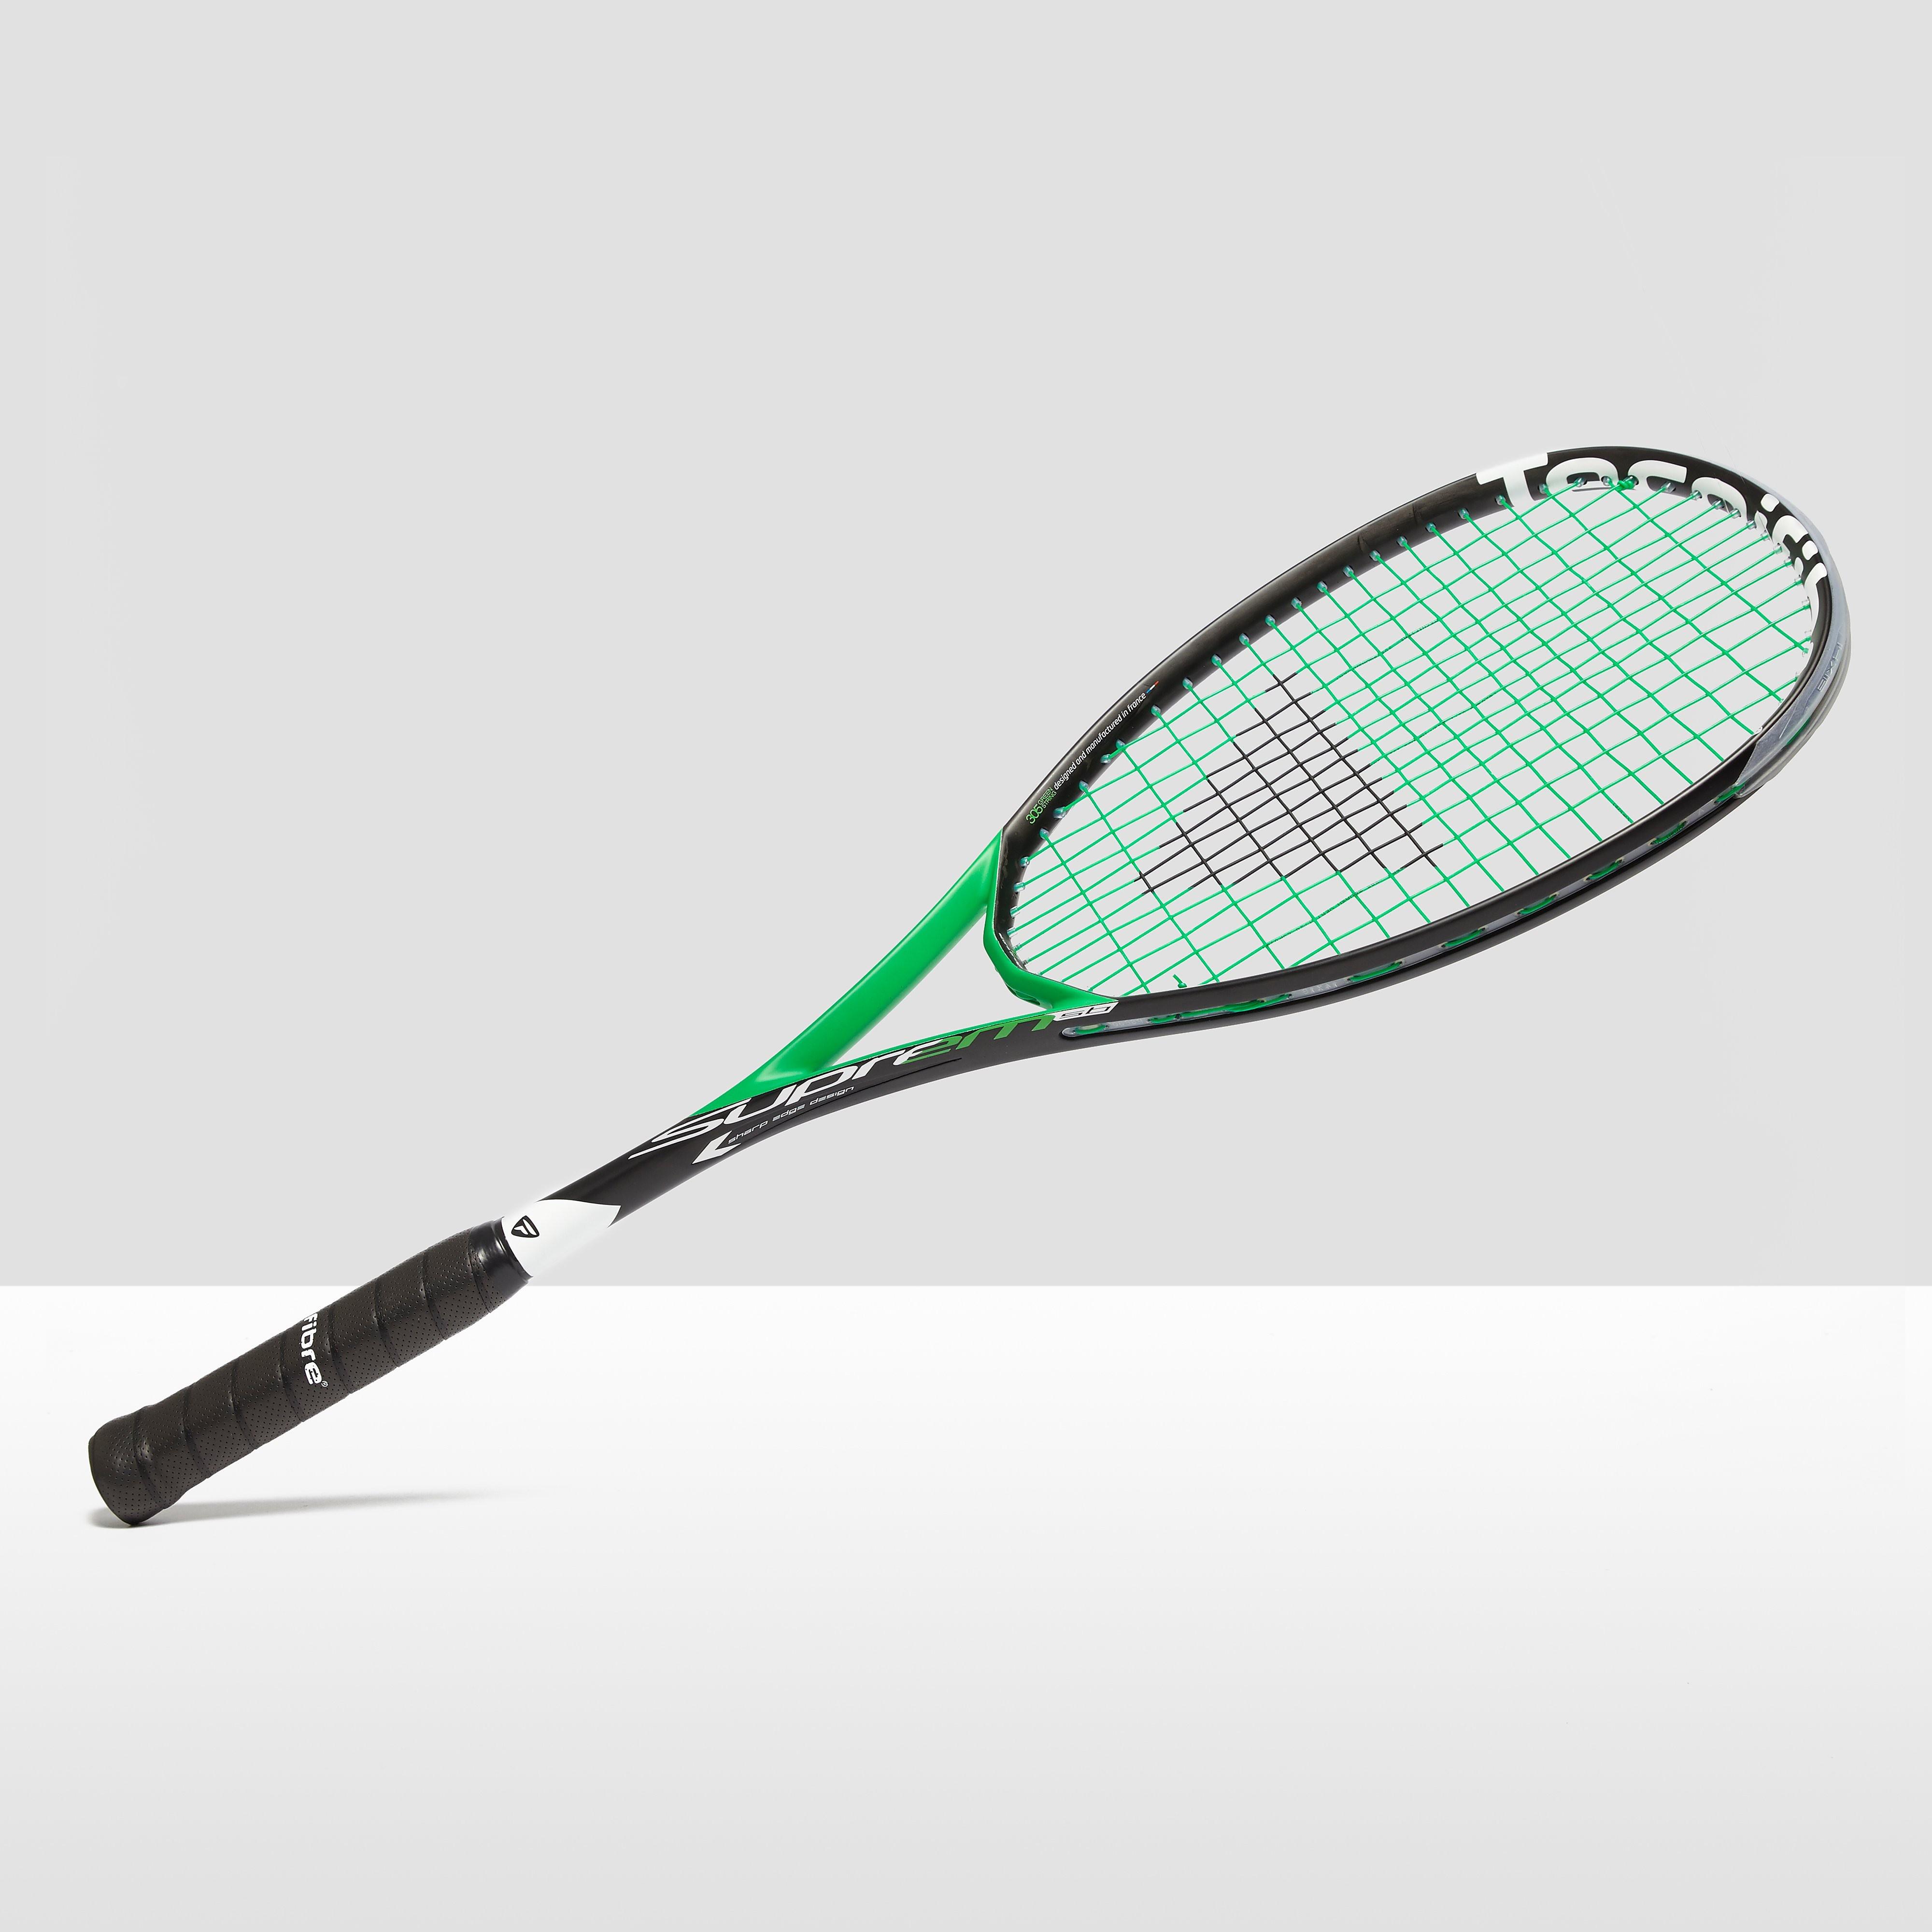 Tecnifibre Suprem SB 125 Squash Racket